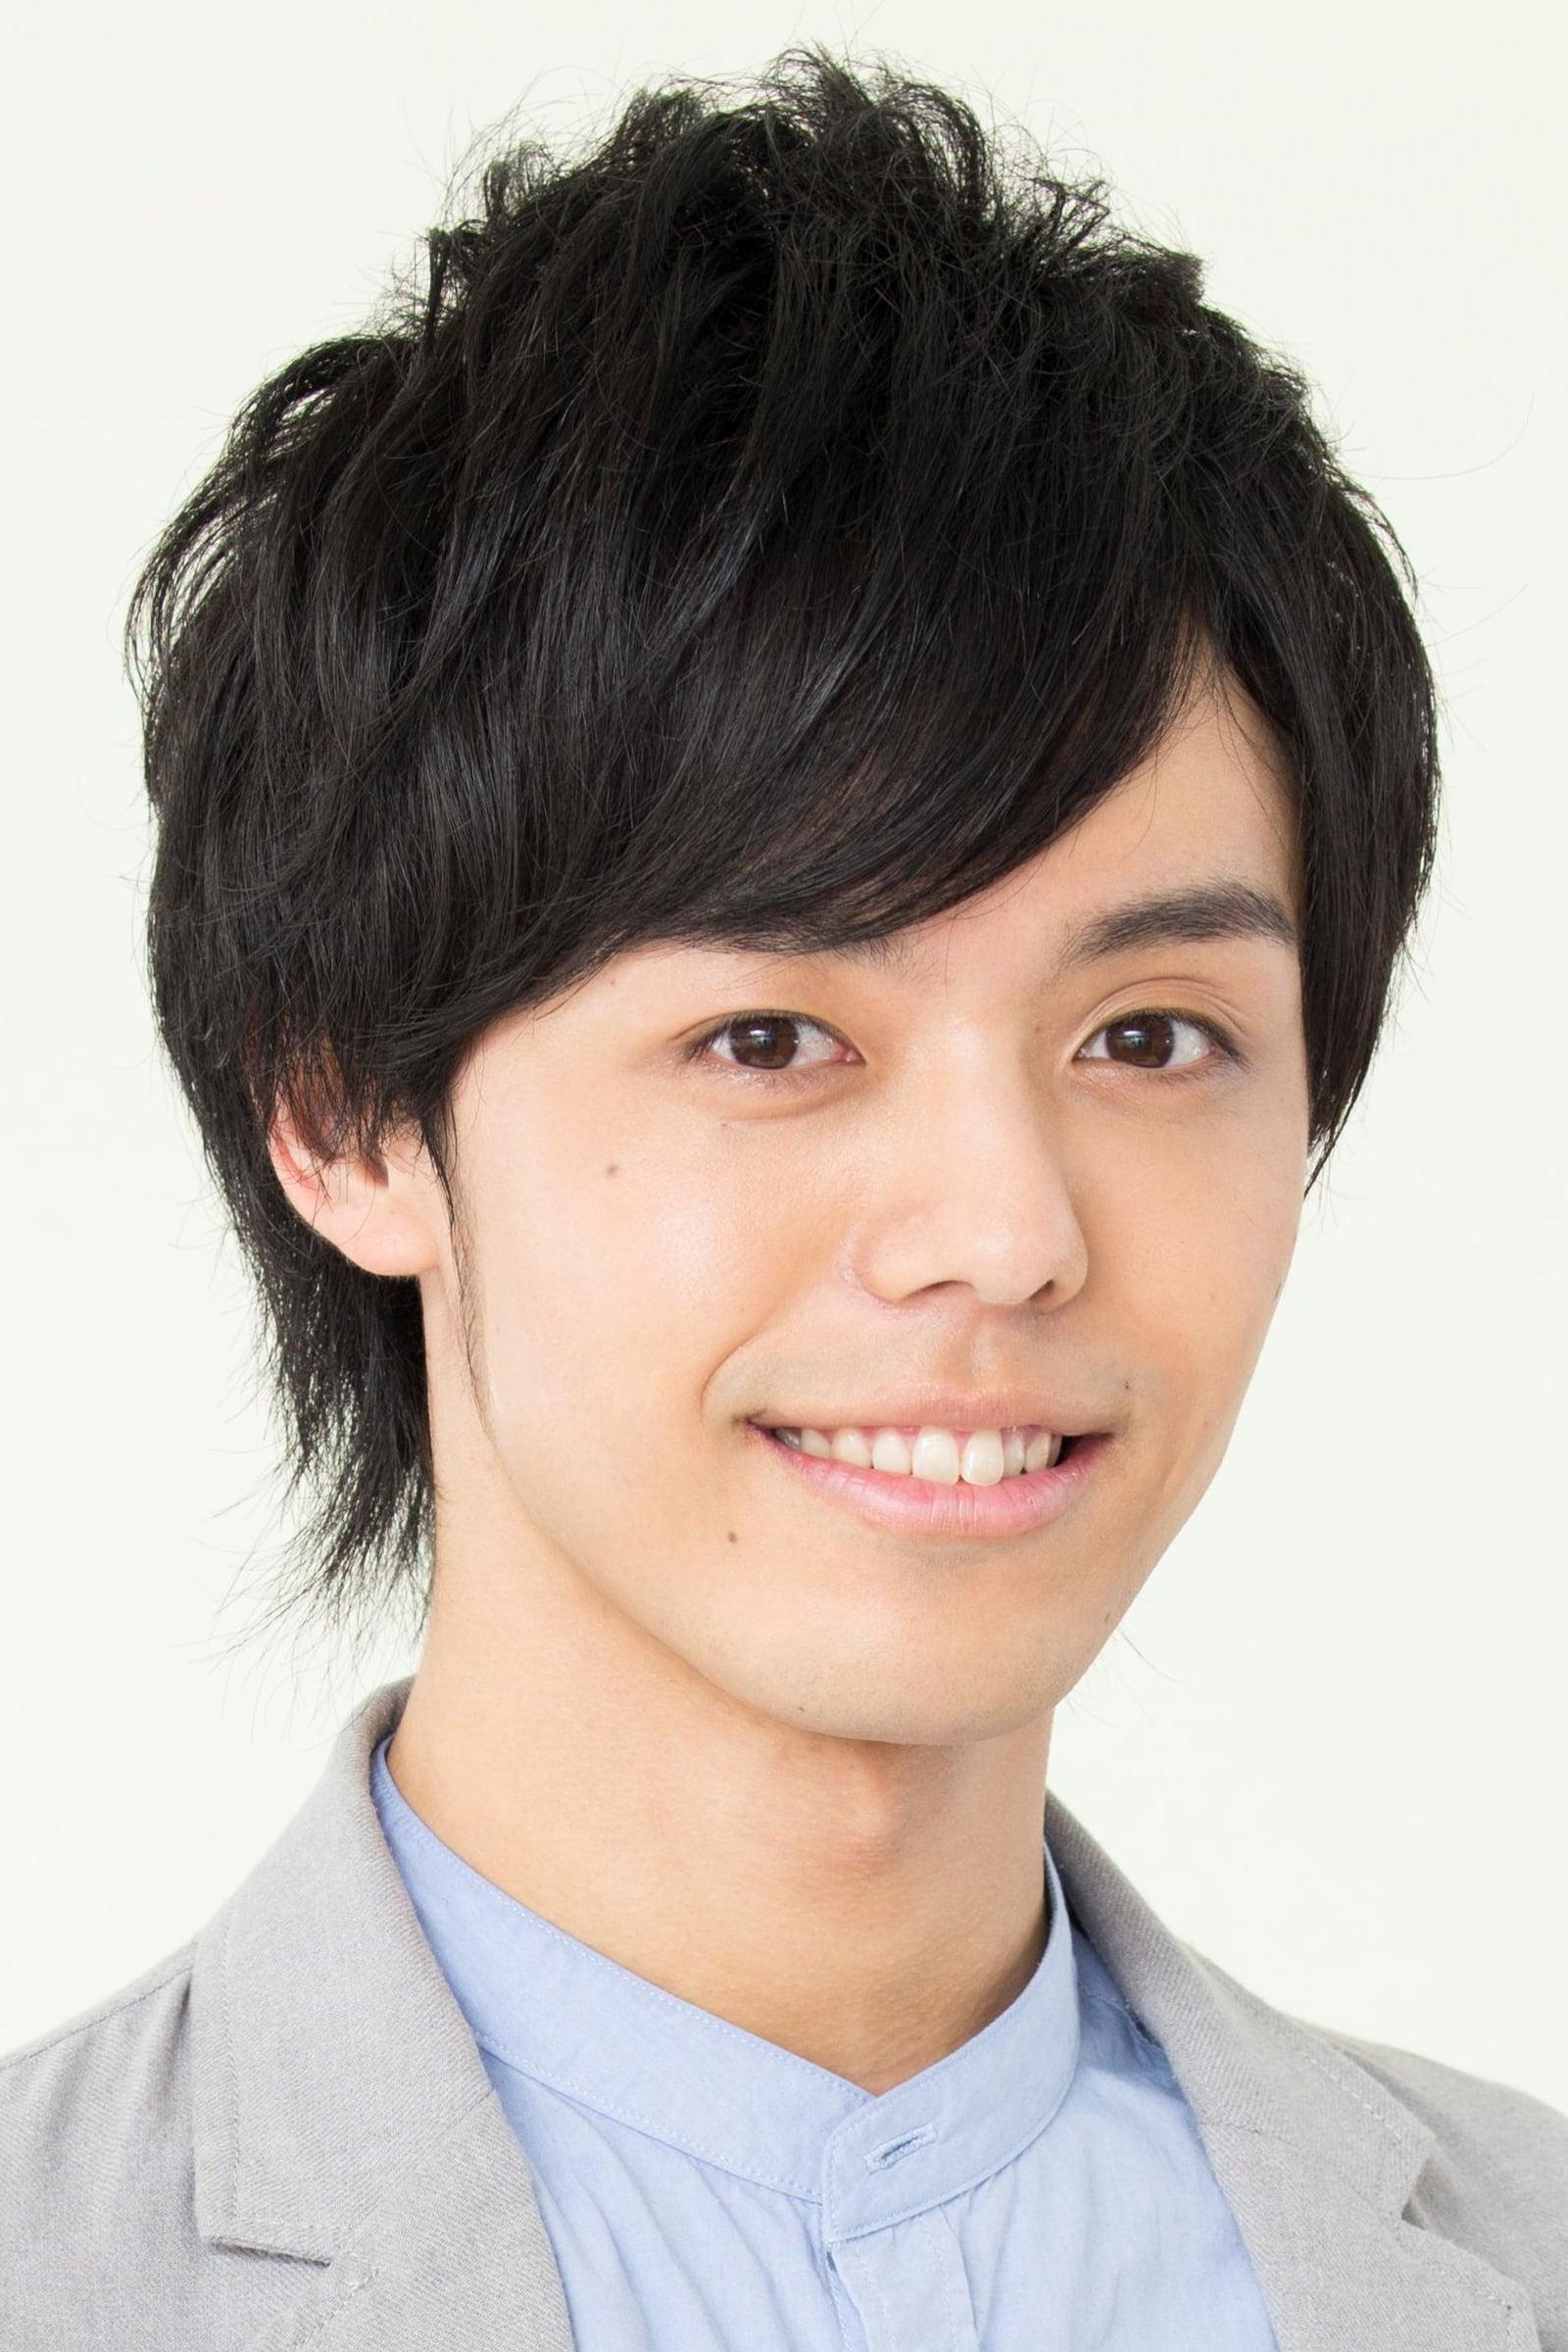 Kōsuke Ōtsubo